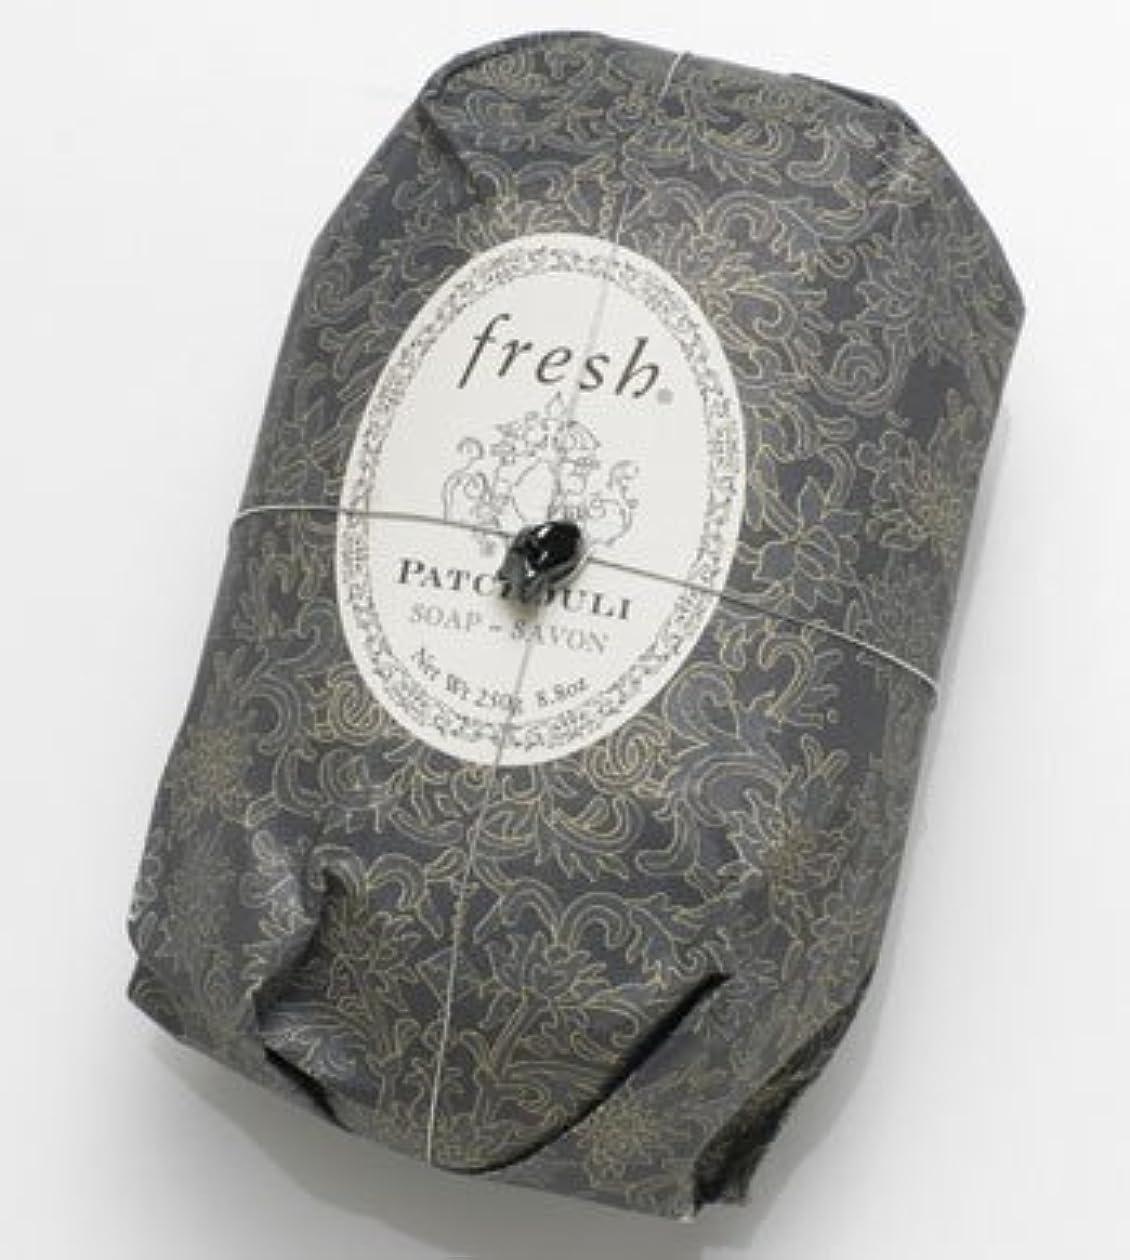 機転活性化あそこFresh PATCHOULI SOAP (フレッシュ パチョリ ソープ) 8.8 oz (250g) Soap (石鹸) by Fresh